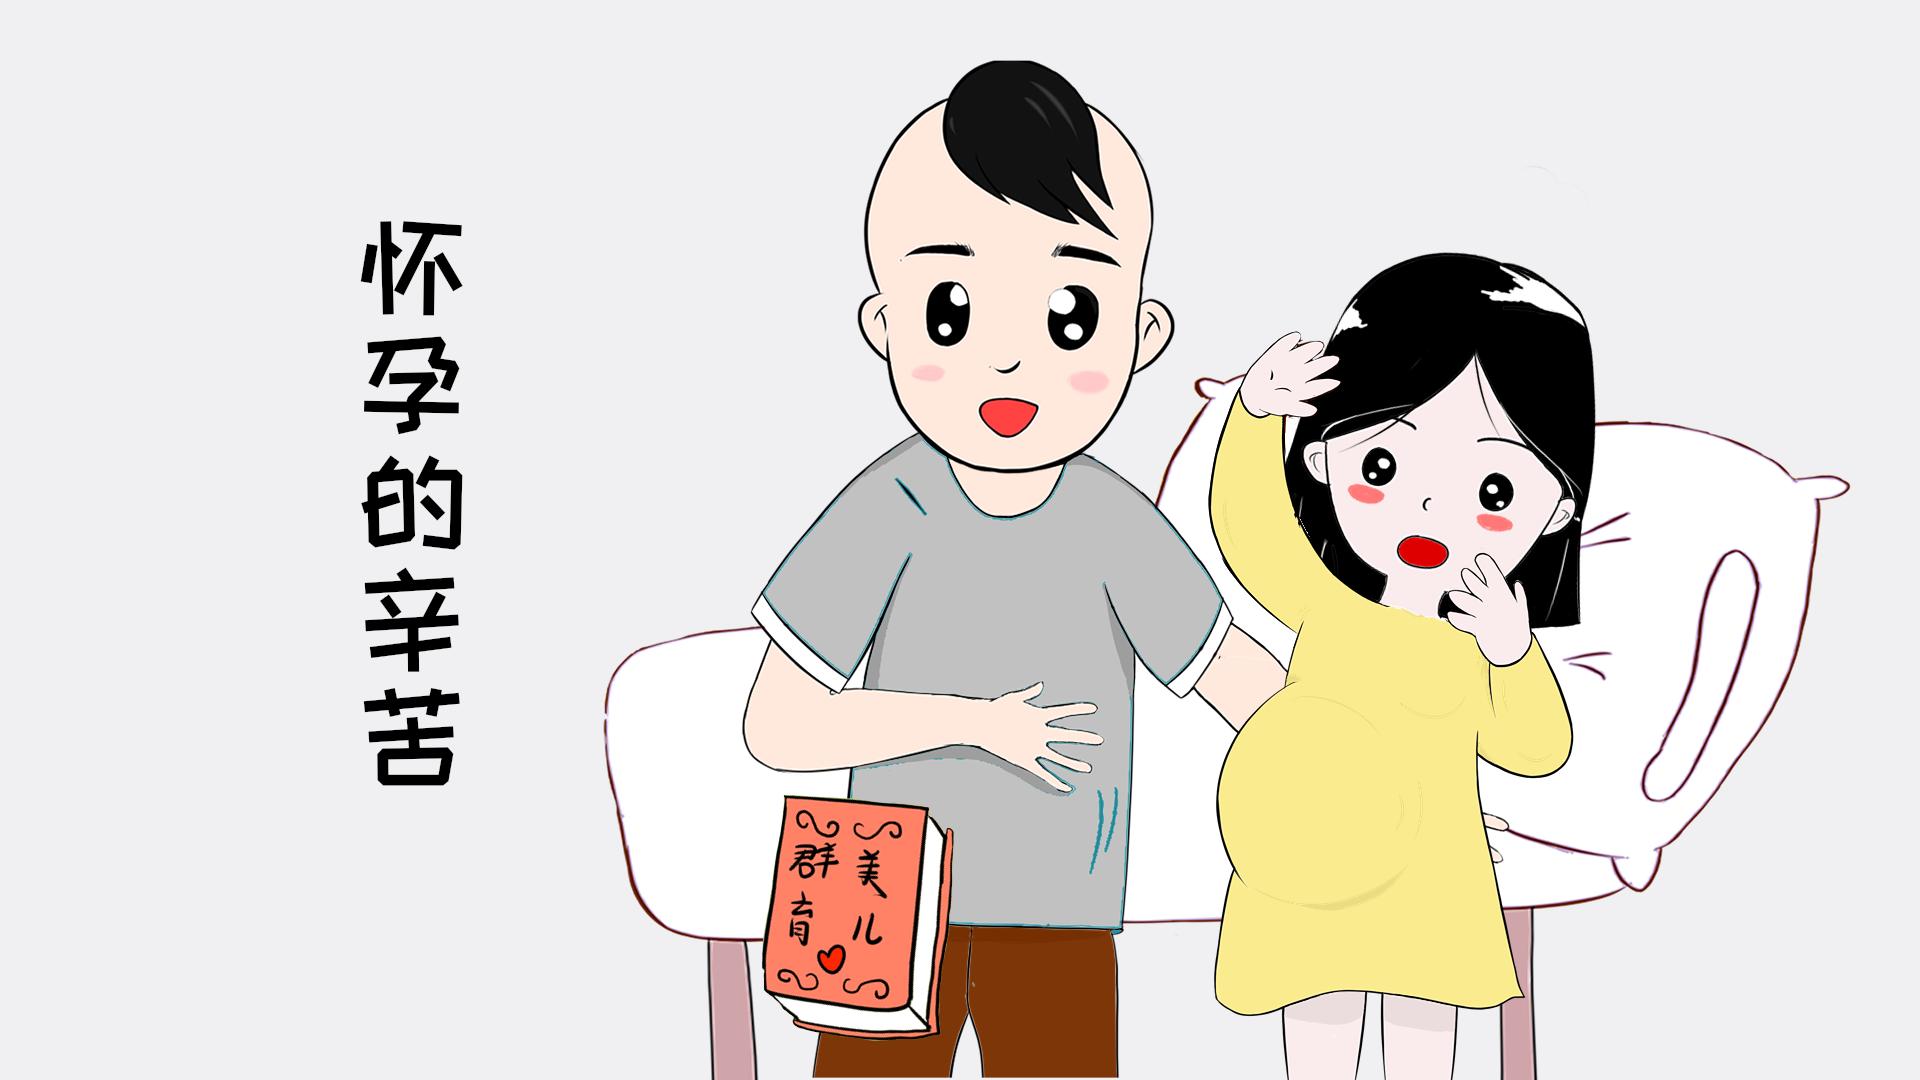 丈夫不心疼妻子的表现【丈夫陪产会更心疼妻子?不见得,丈夫陪产的利与